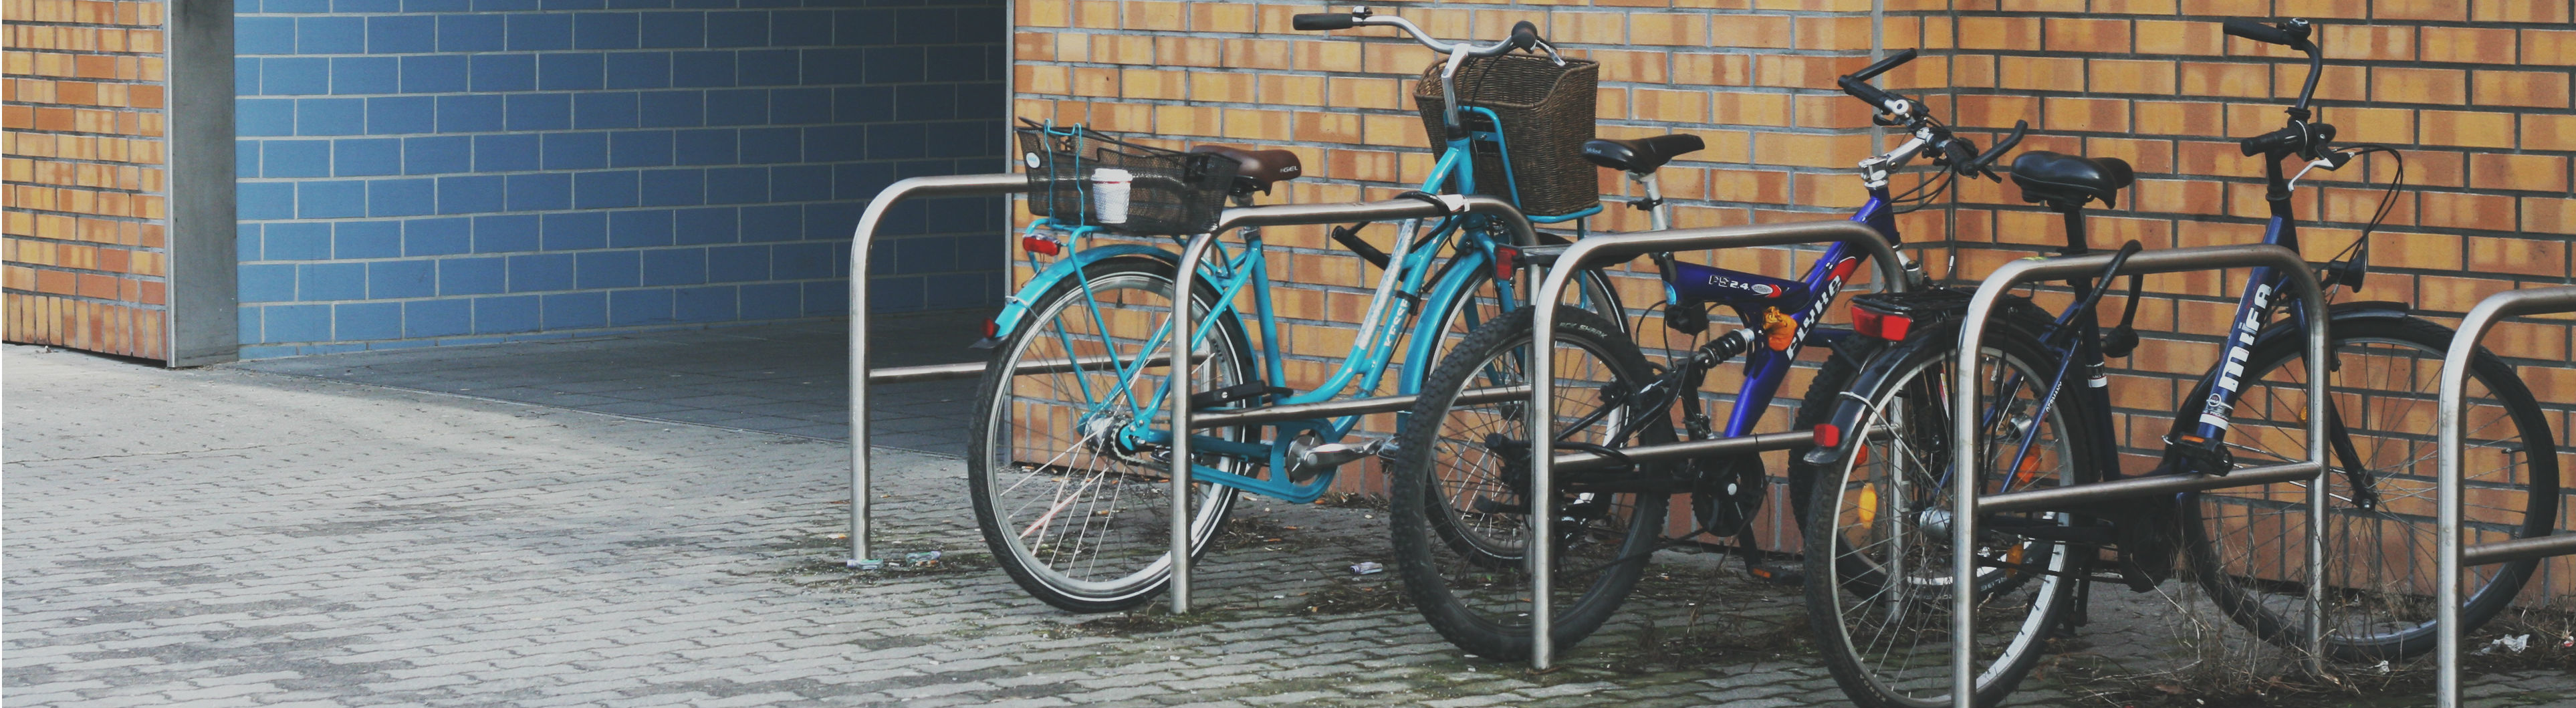 Fahrräder an einer Haltestelle